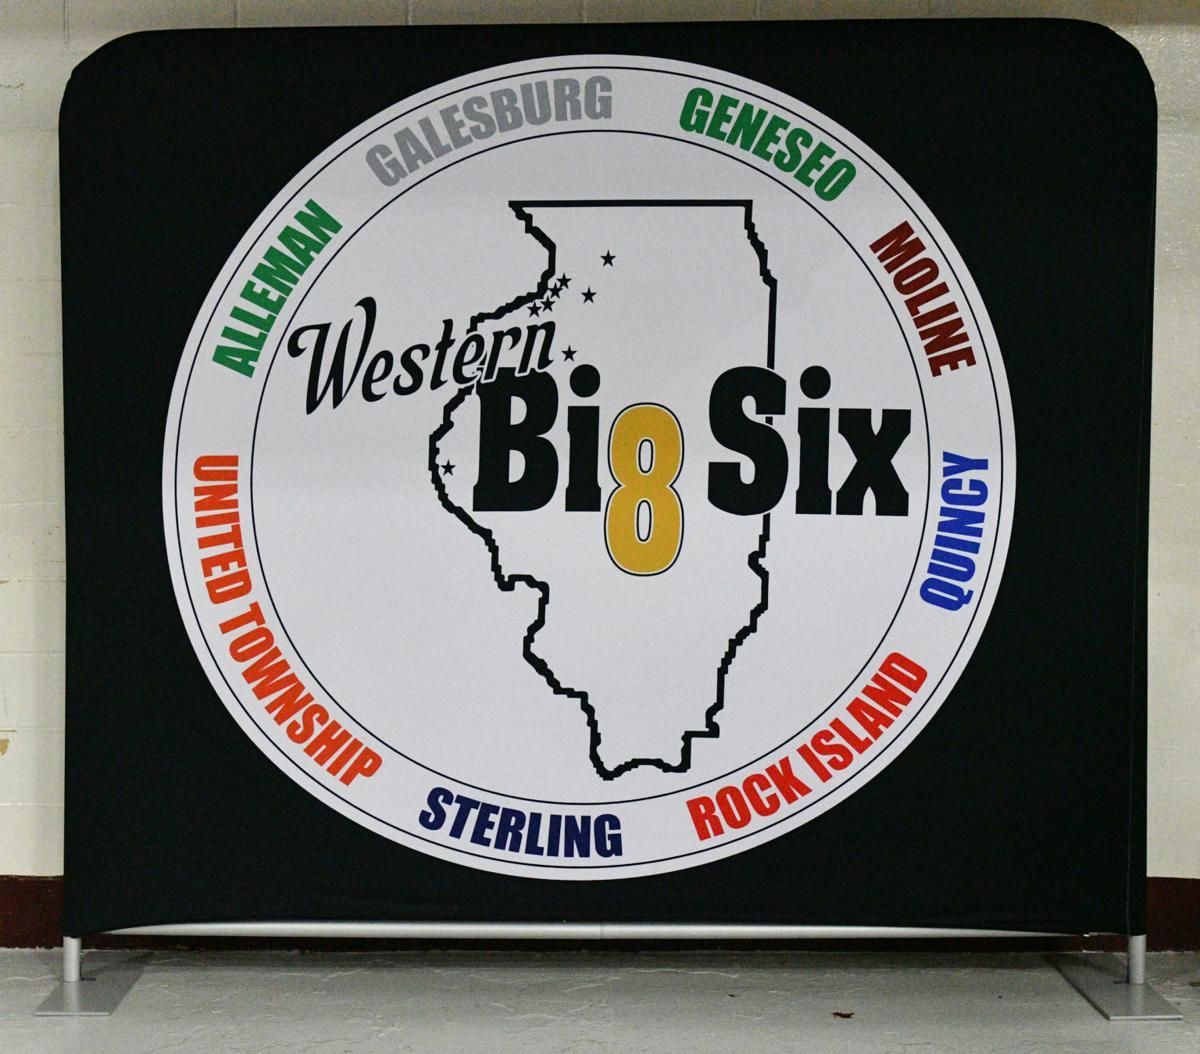 New Big 6 logo